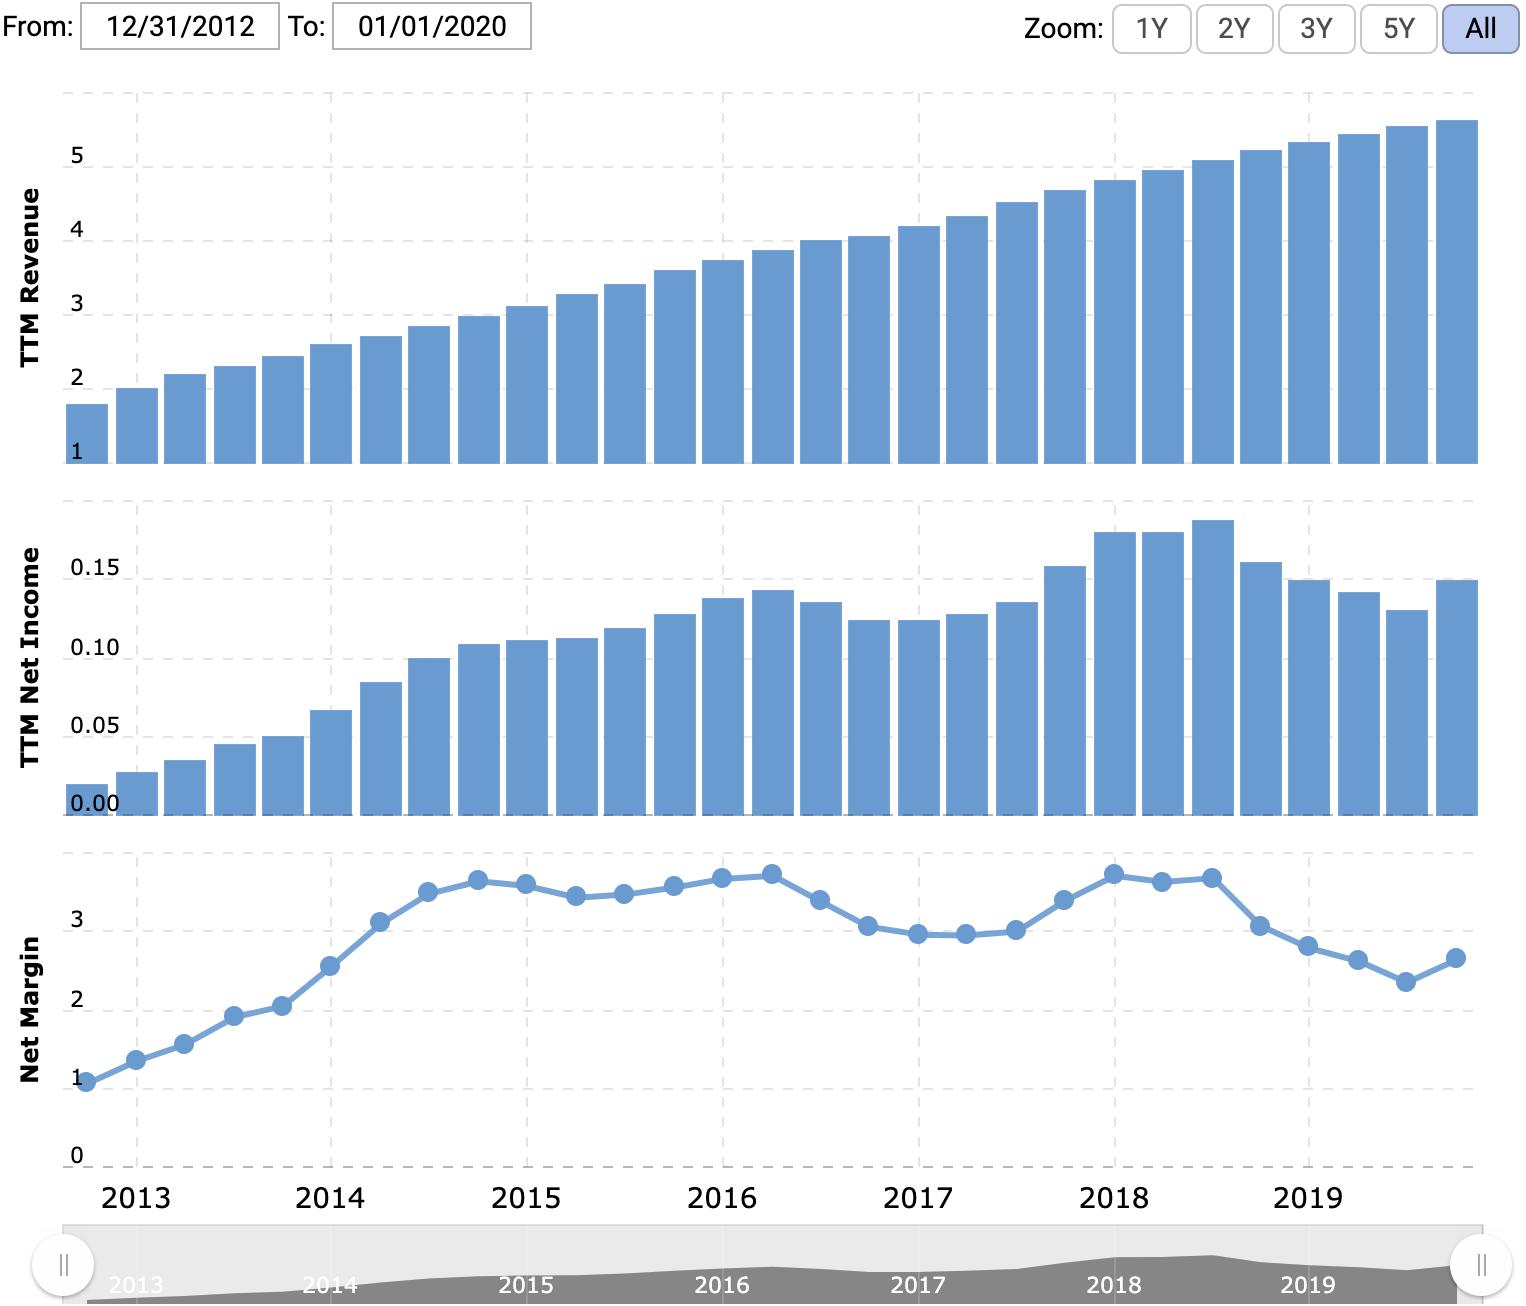 Выручка и прибыль компании за последние 12 месяцев в миллиардах долларов. Источник: Macrotrends